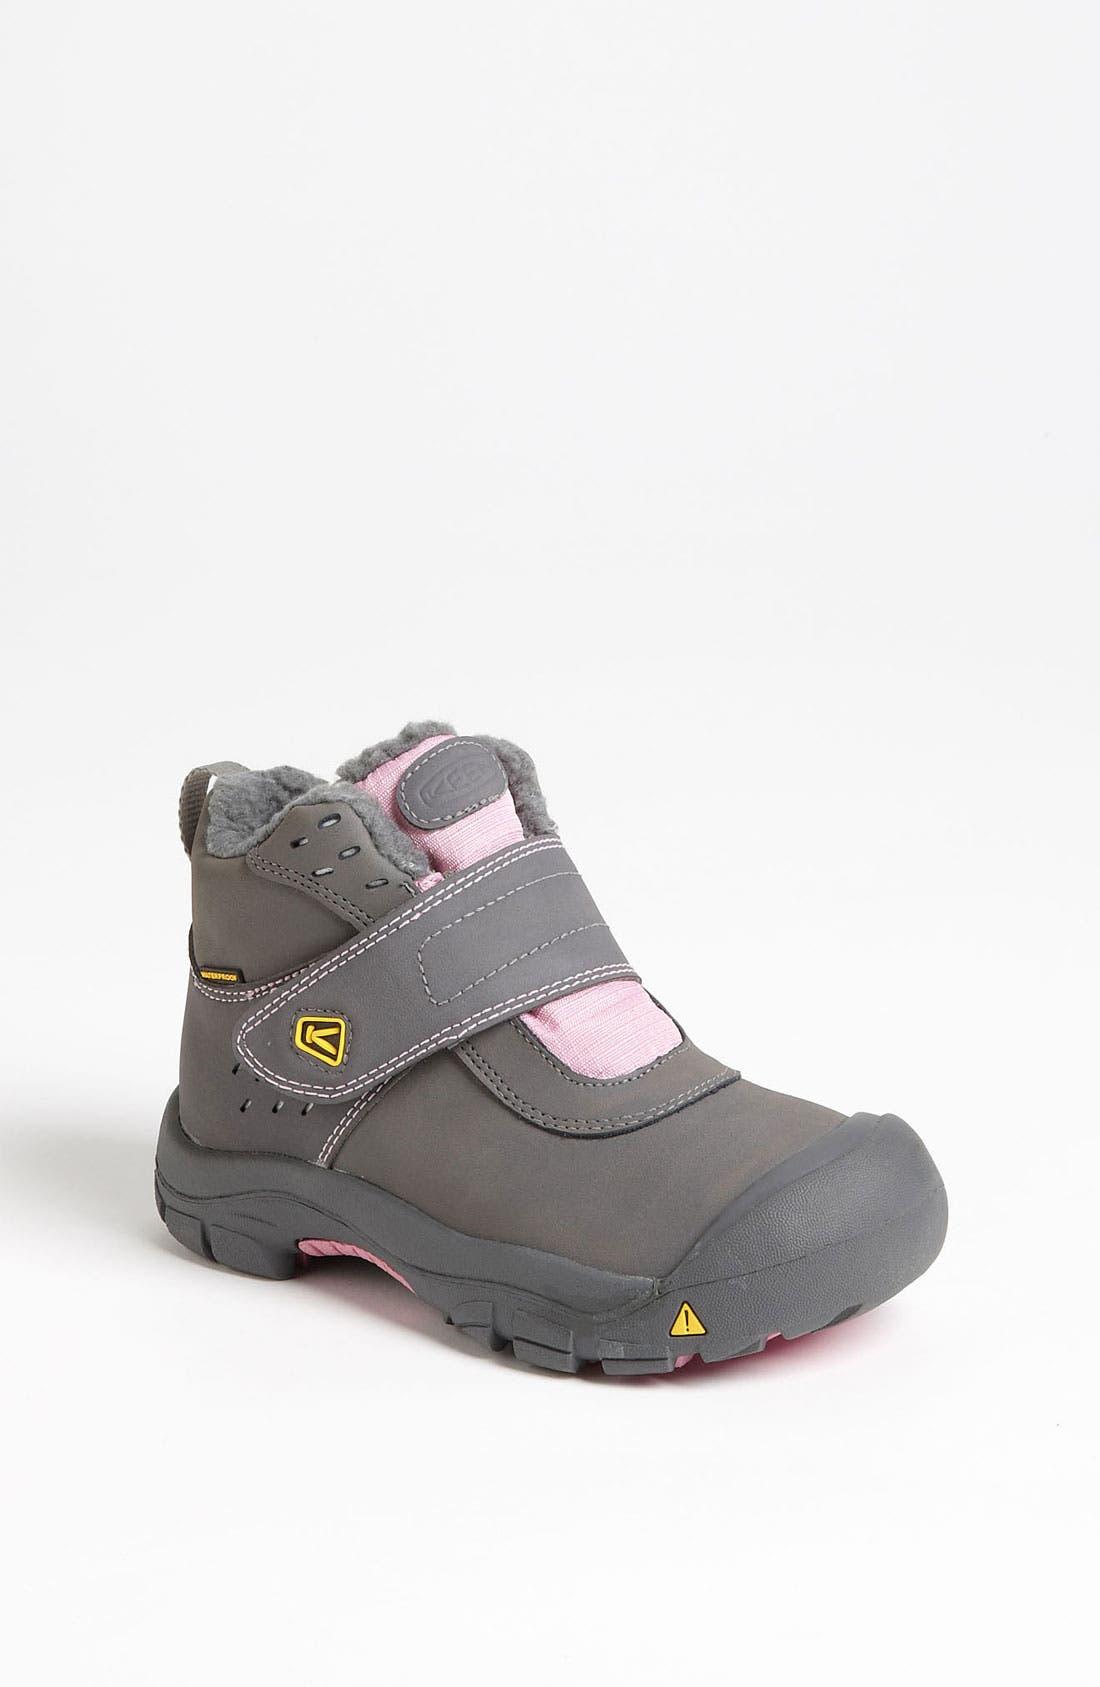 Alternate Image 1 Selected - Keen 'Kalamazoo Mid' Waterproof Boot (Toddler, Little Kid & Big Kid)